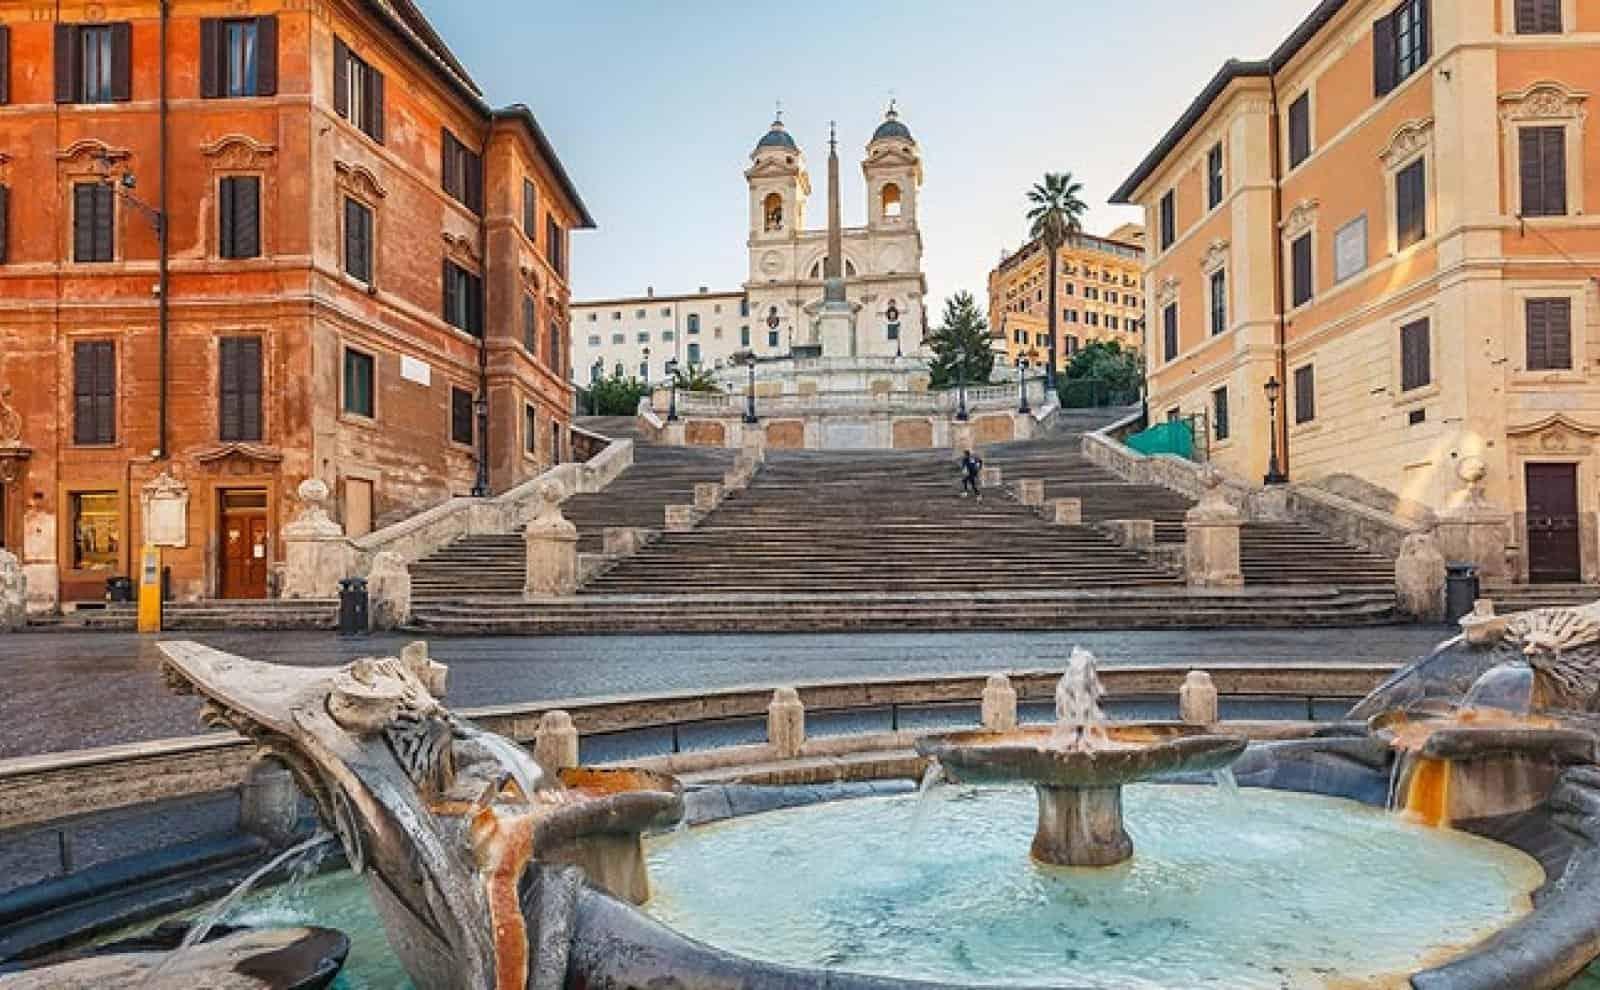 الاماكن السياحية روما